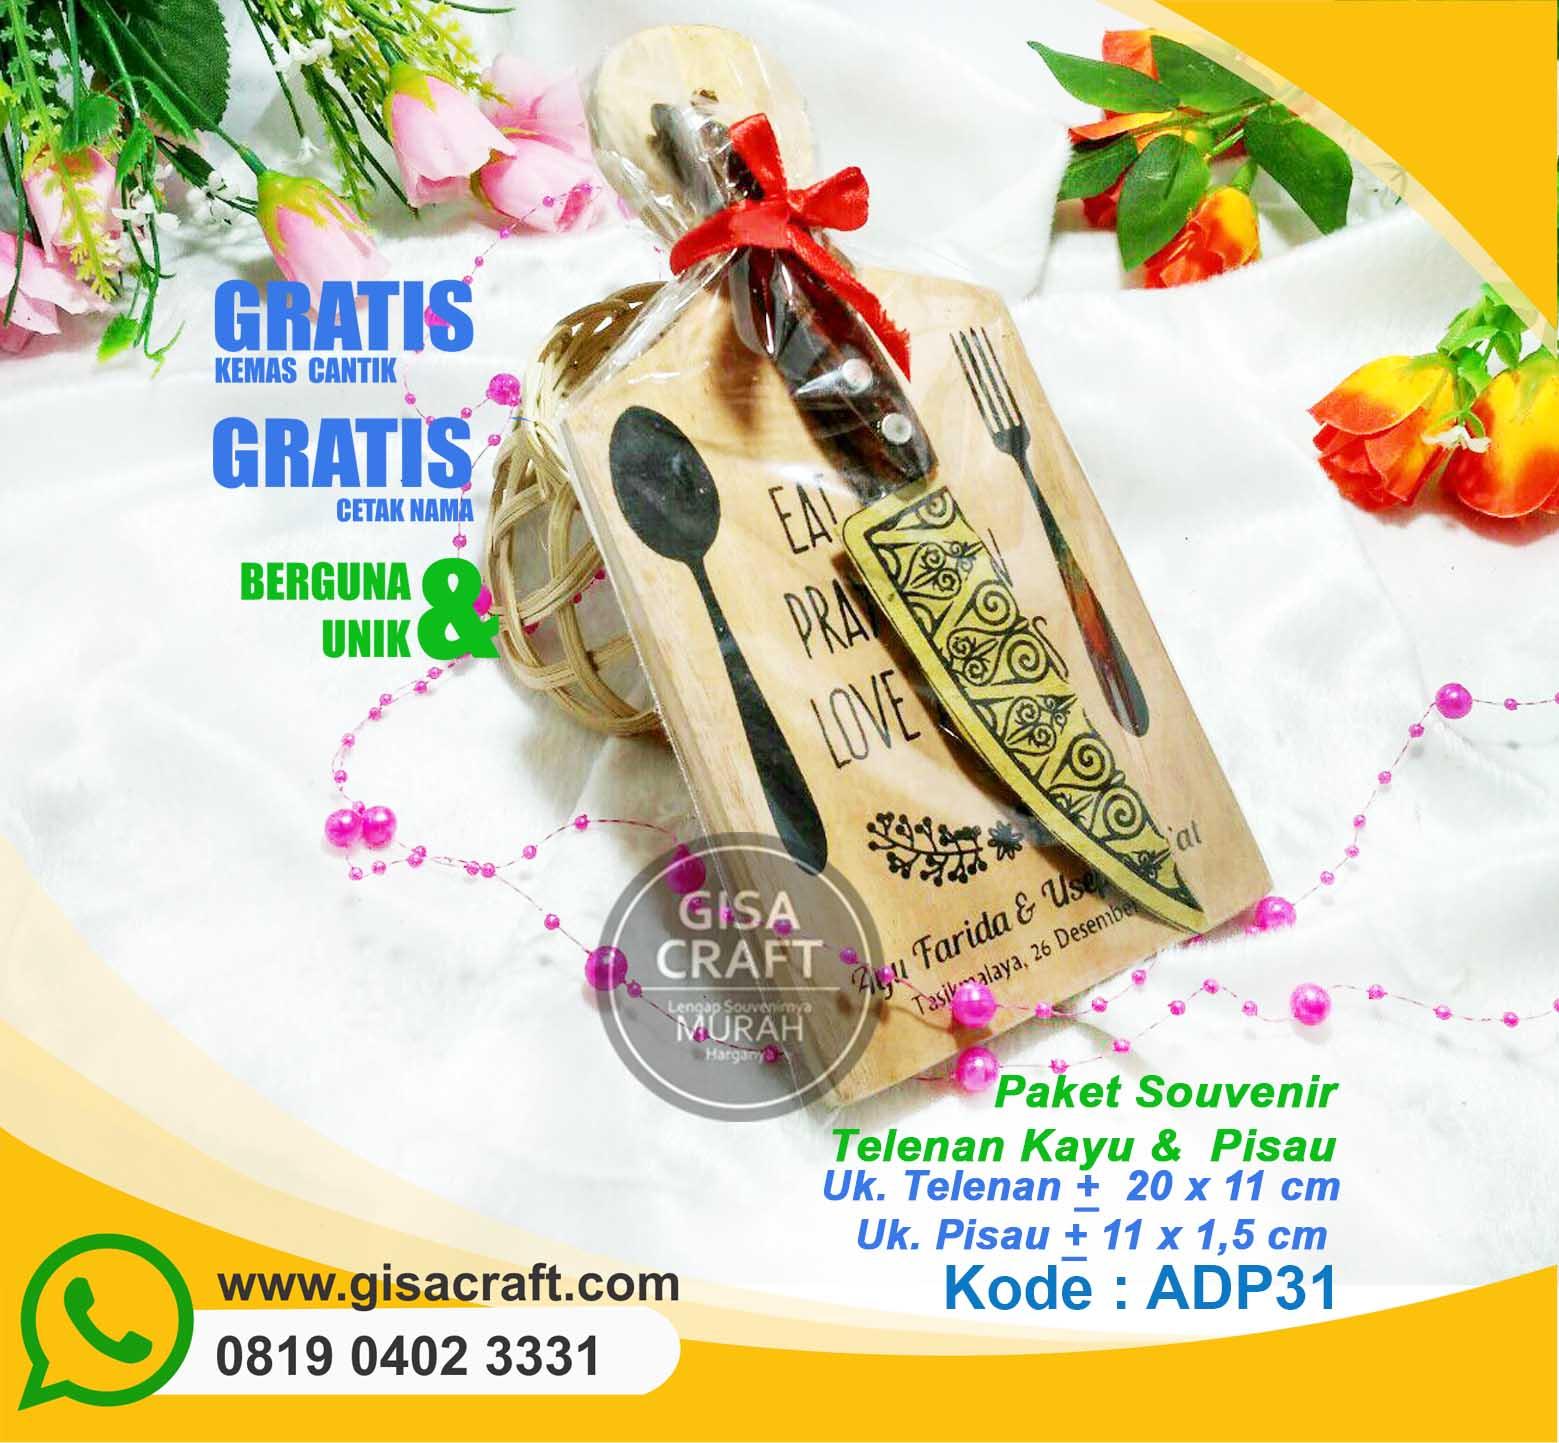 Paket Souvenir Talenan Kayu & Pisau ADP31